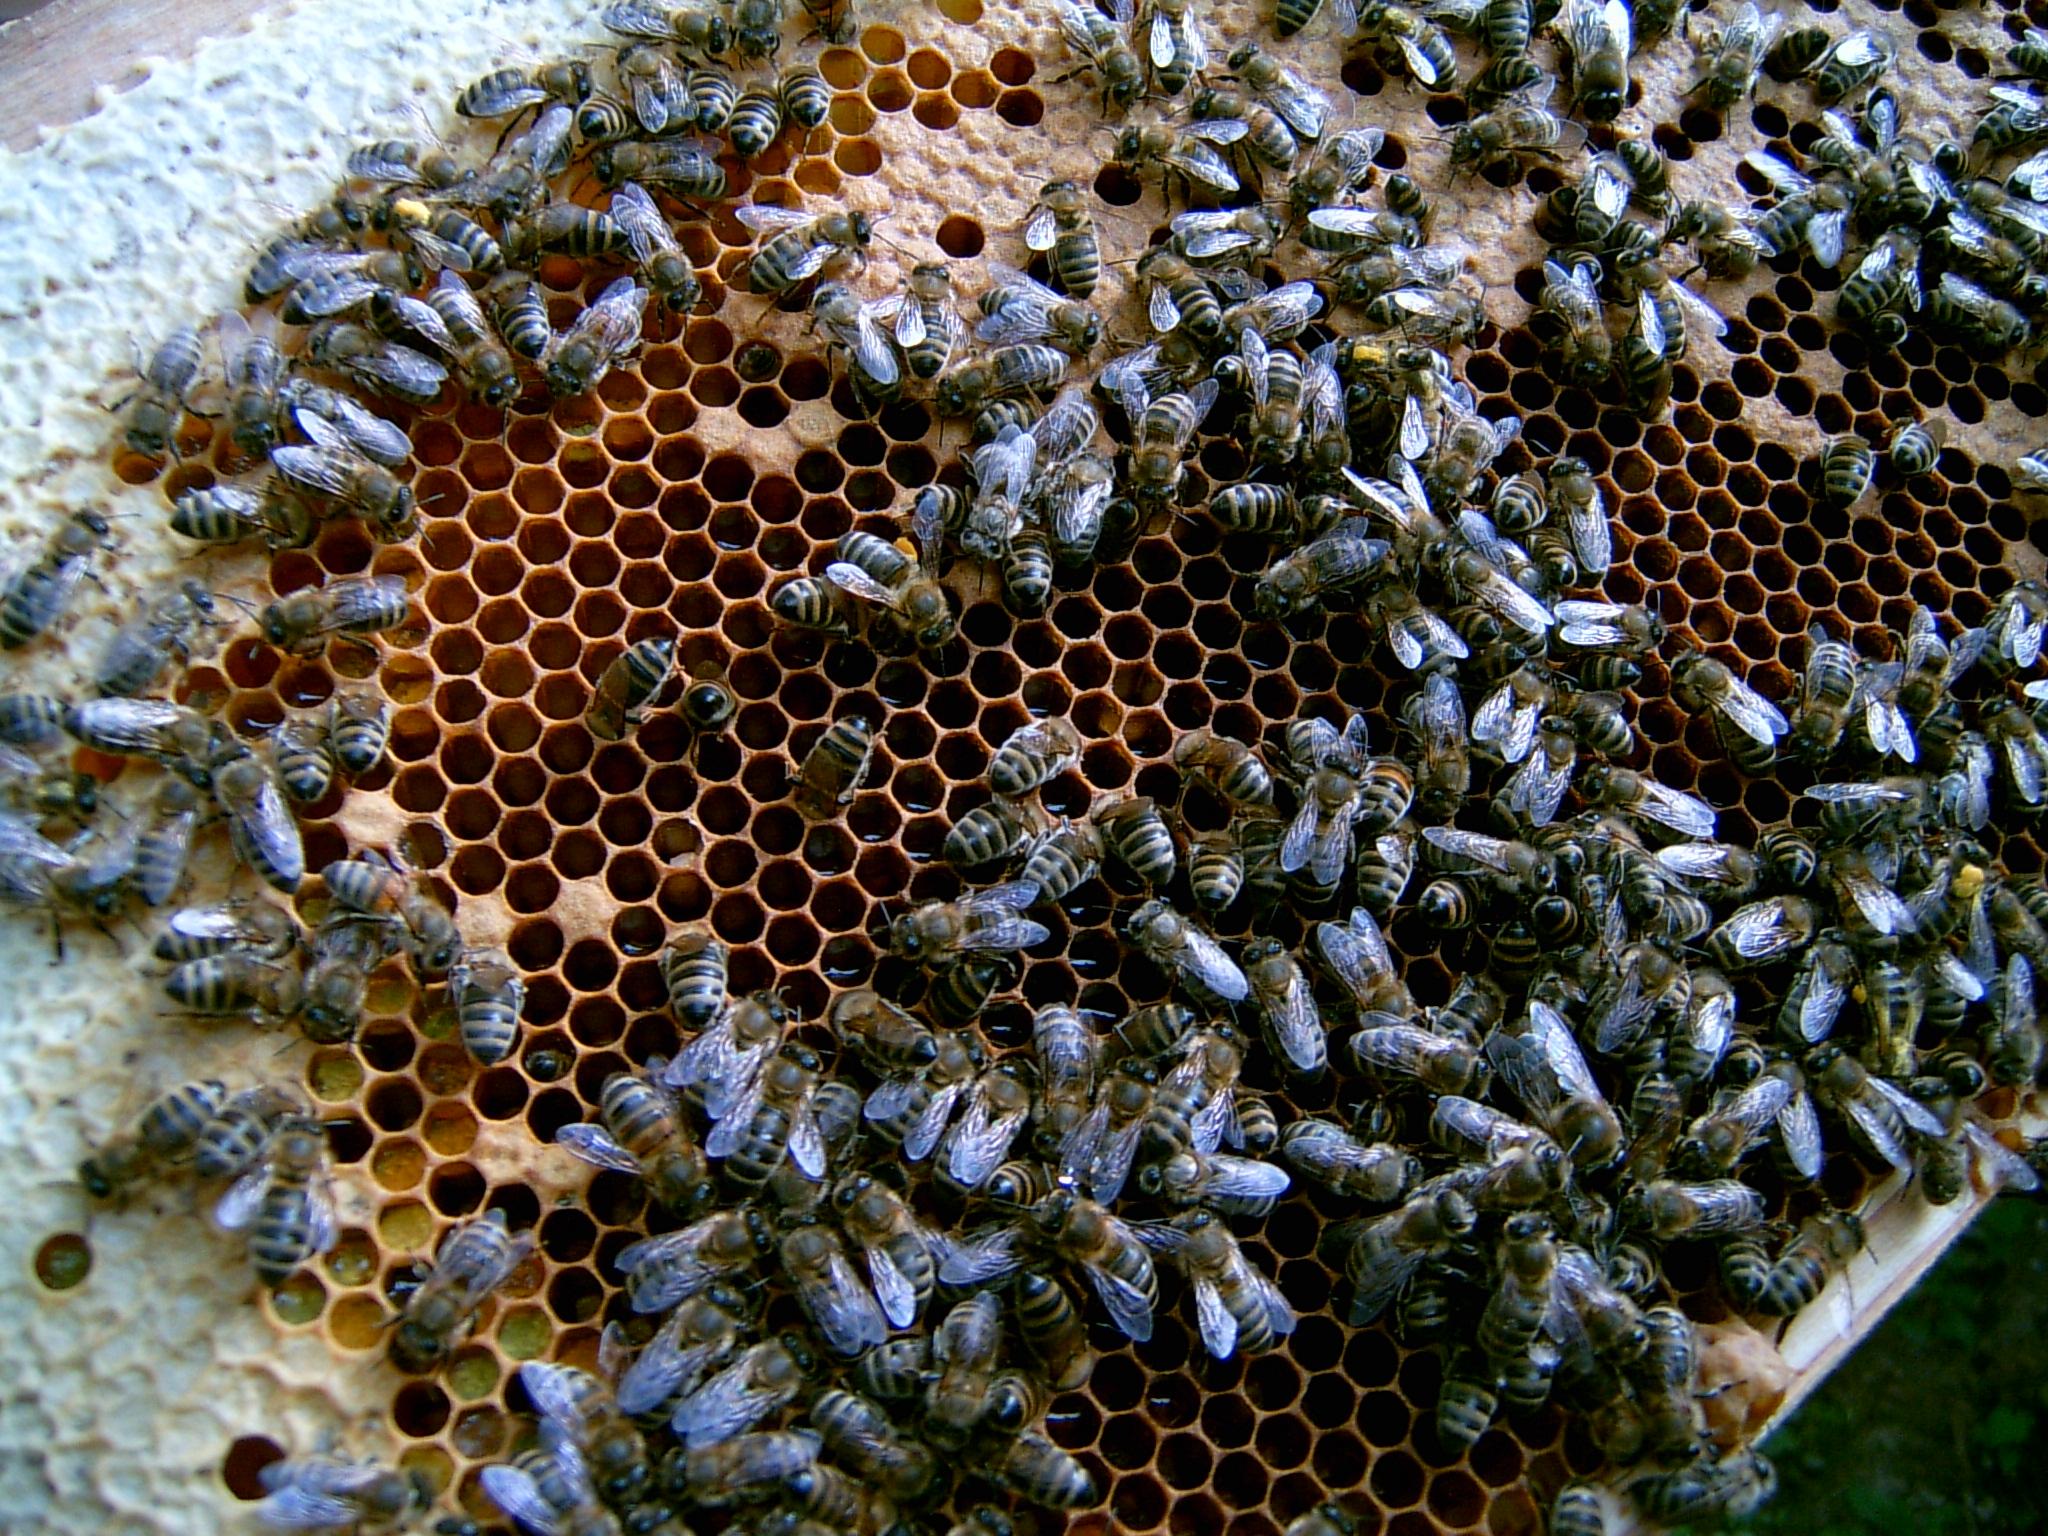 Perfekte Kommunikation - Bienen können einander sehr genau mitteilen, wo Nektar zu finden ist